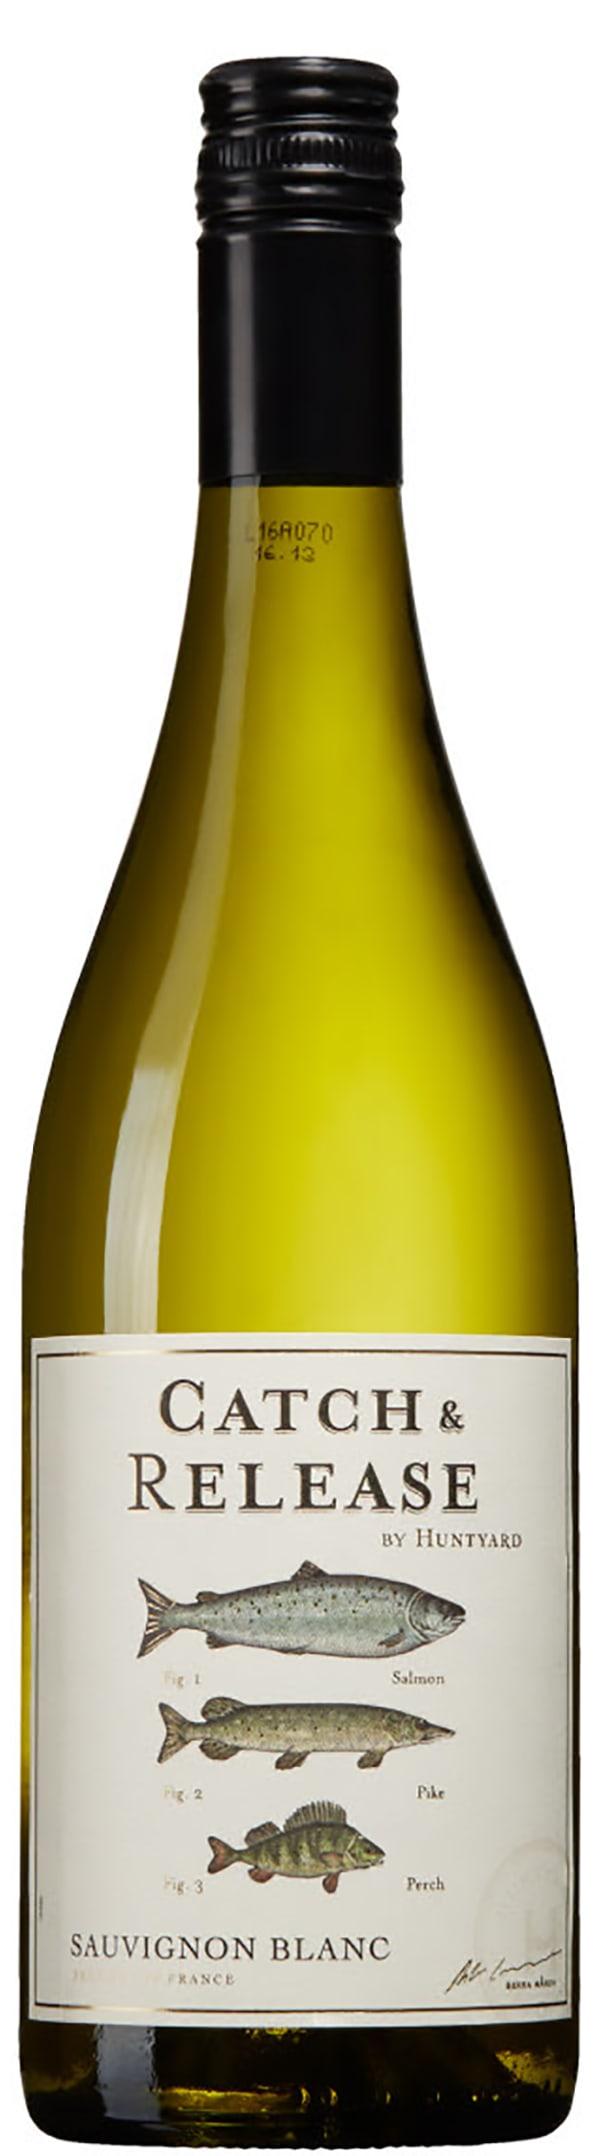 Catch & Release Sauvignon Blanc 2016